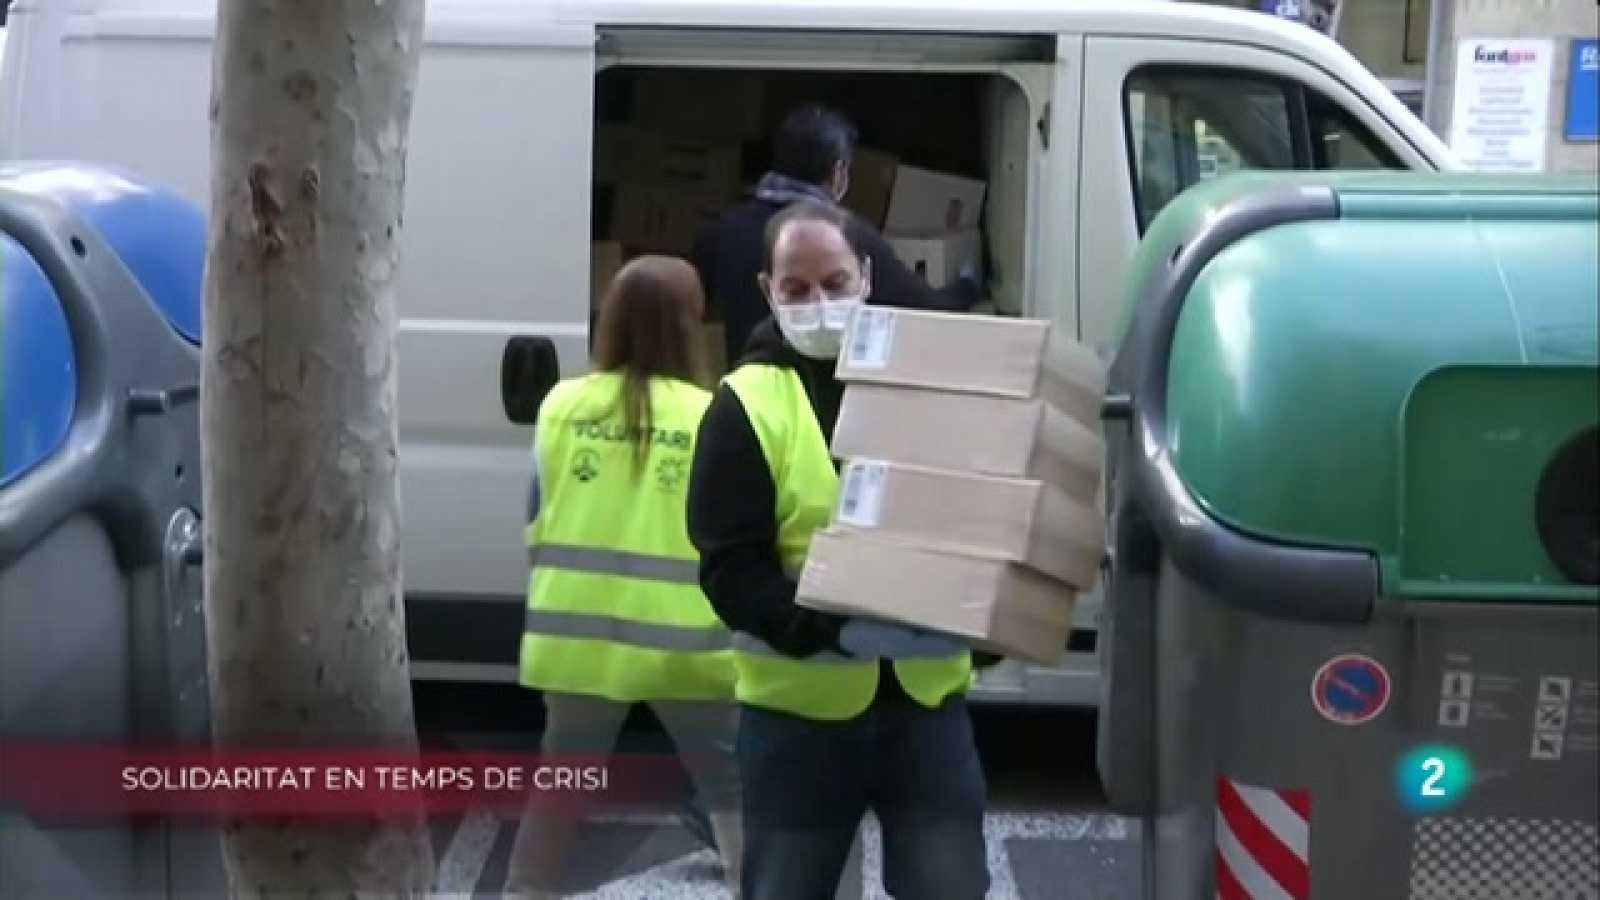 Solidaritat en temps de crisi, Continúa l'escalfament i Animals d'acollida a La Metro